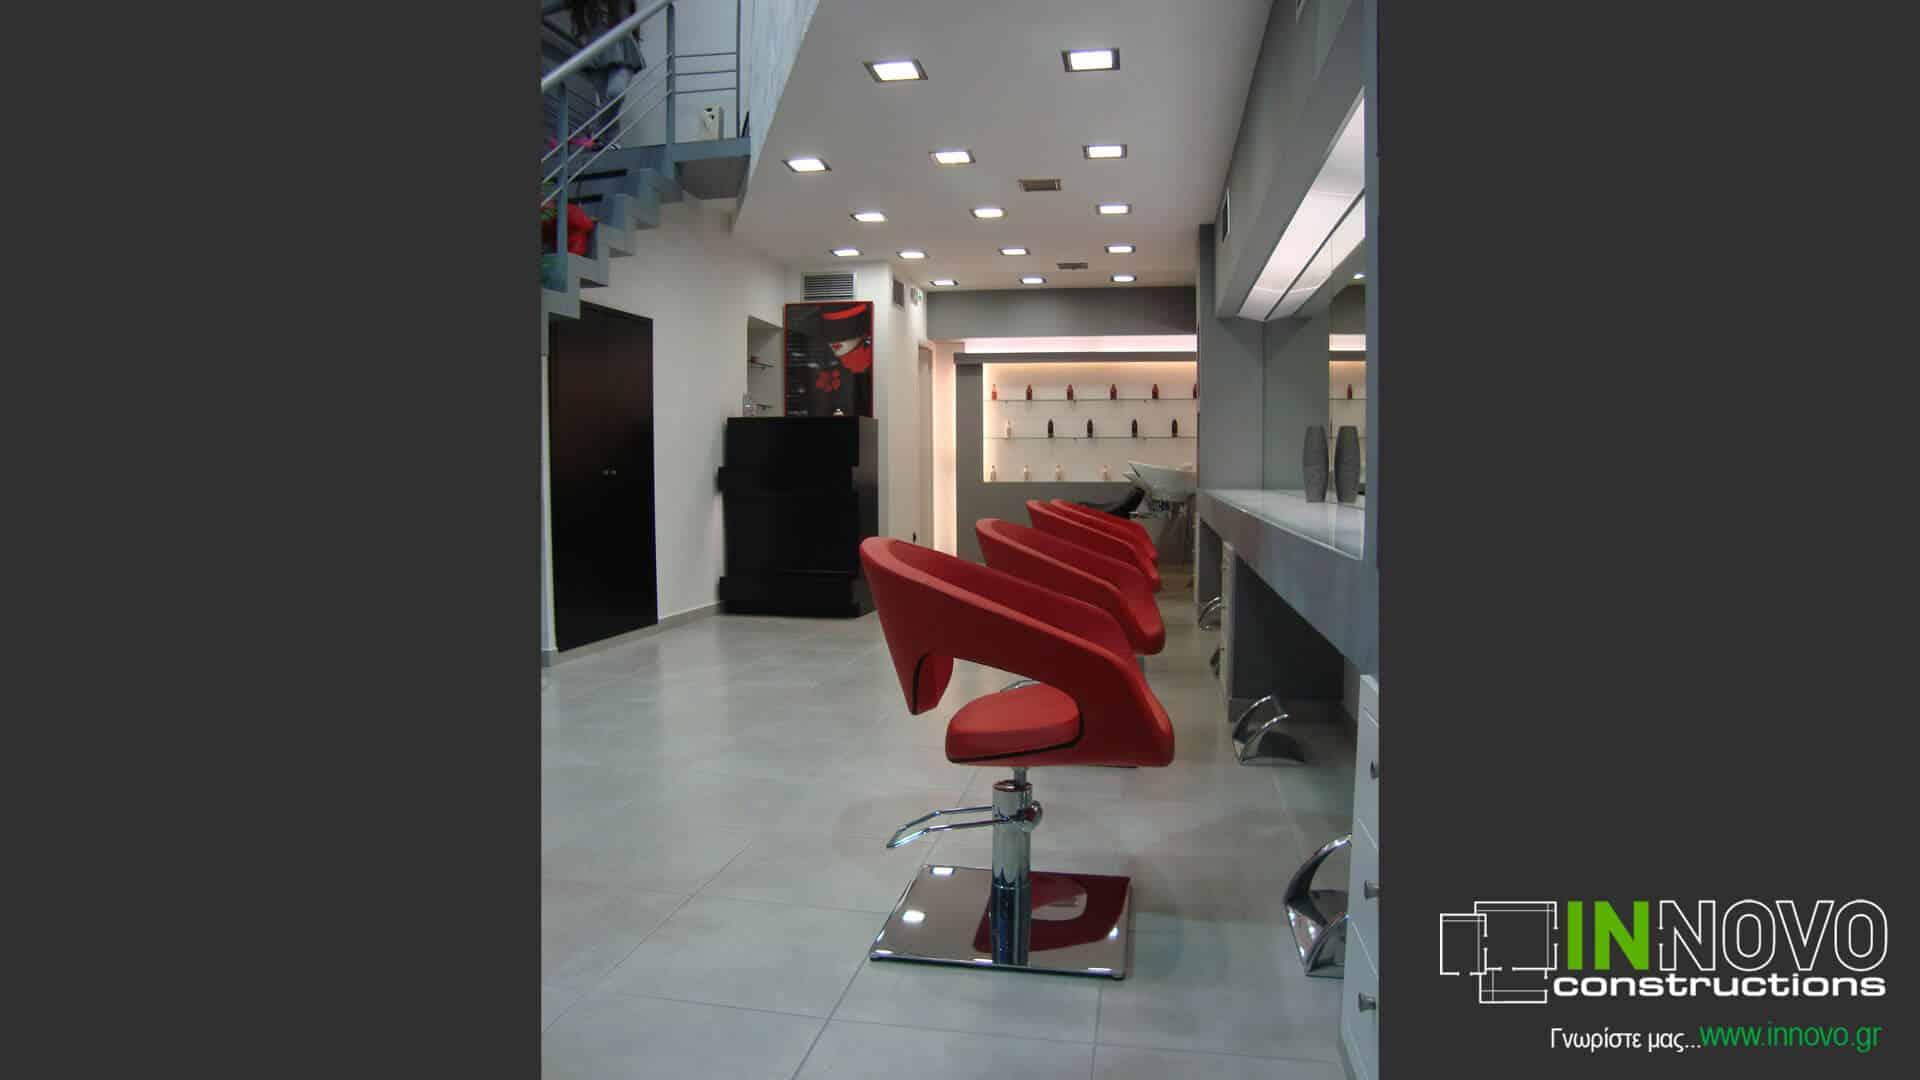 diakosmisi-kommotiriou-hairdressers-design-kommotirio-nafplio-1071-11